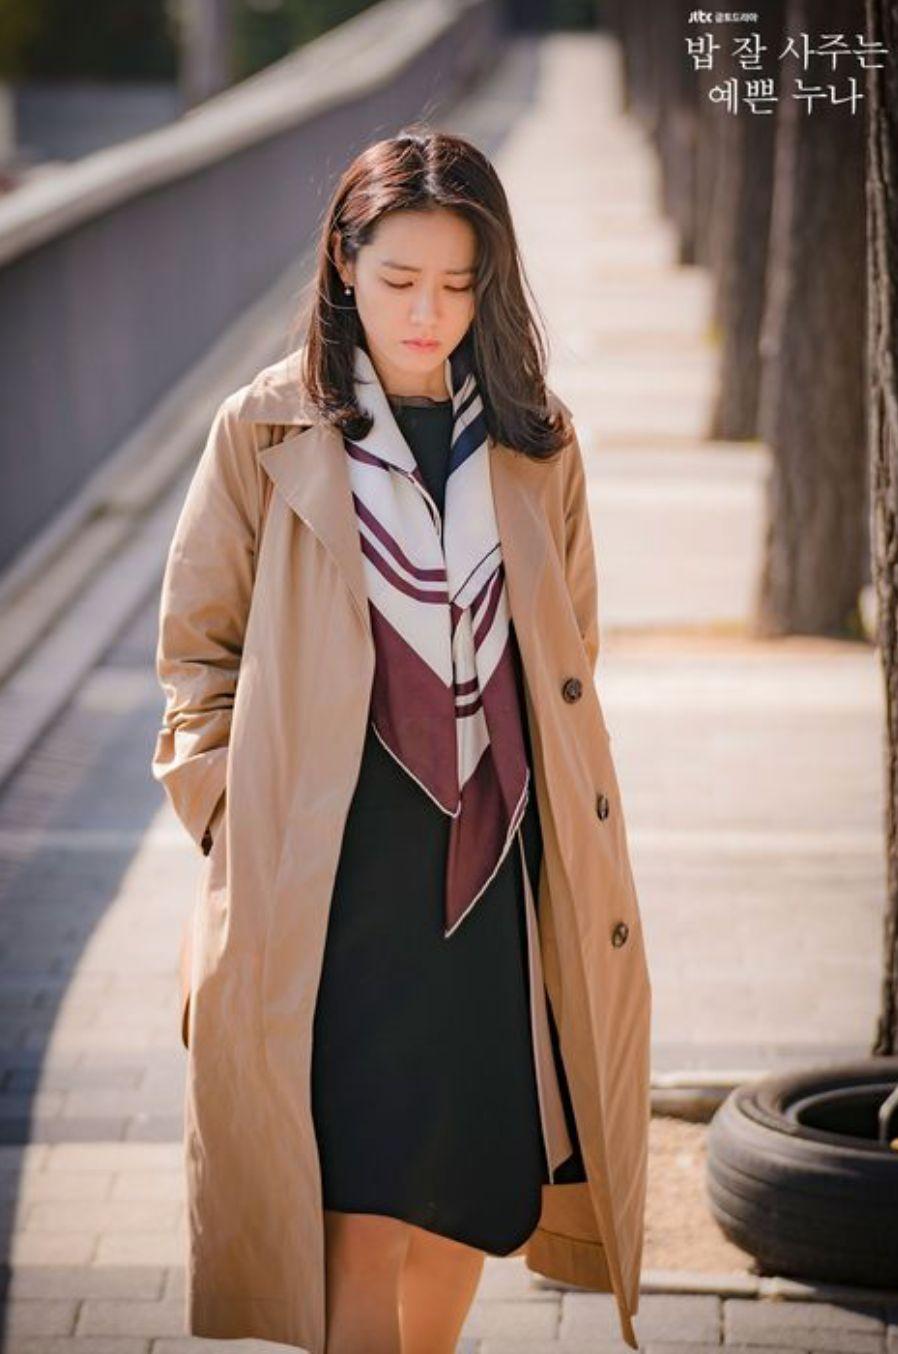 OOTD ke kantor terinspirasi dari drama Korea